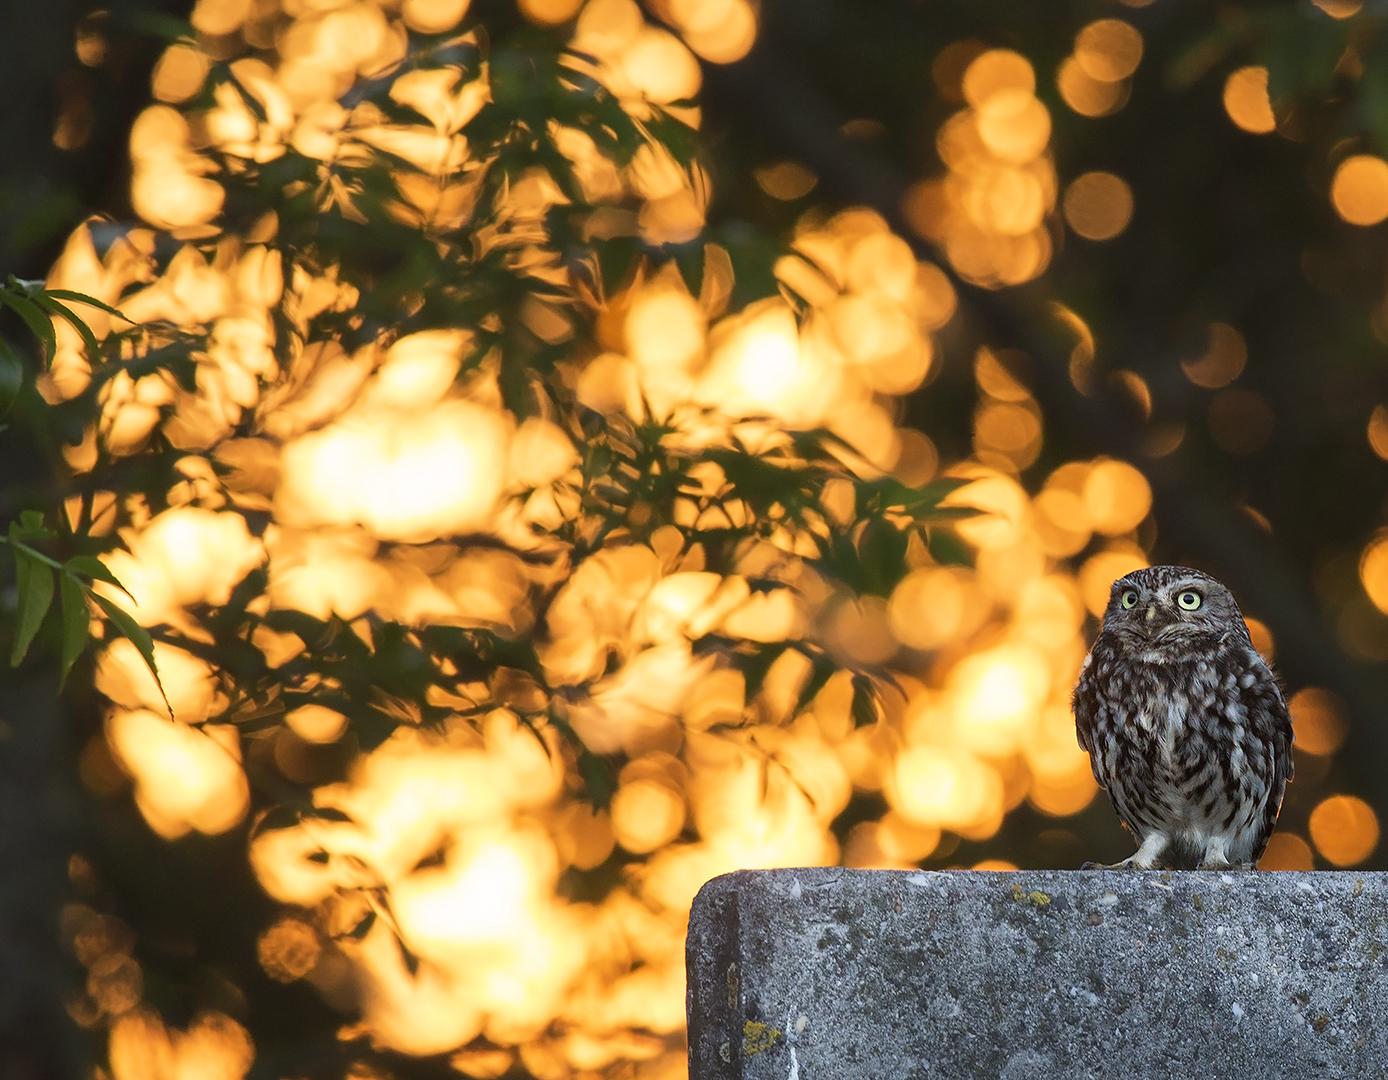 steenuil 01 in eerste ochtendlicht op muurtje met houtwal_uitsnede 2